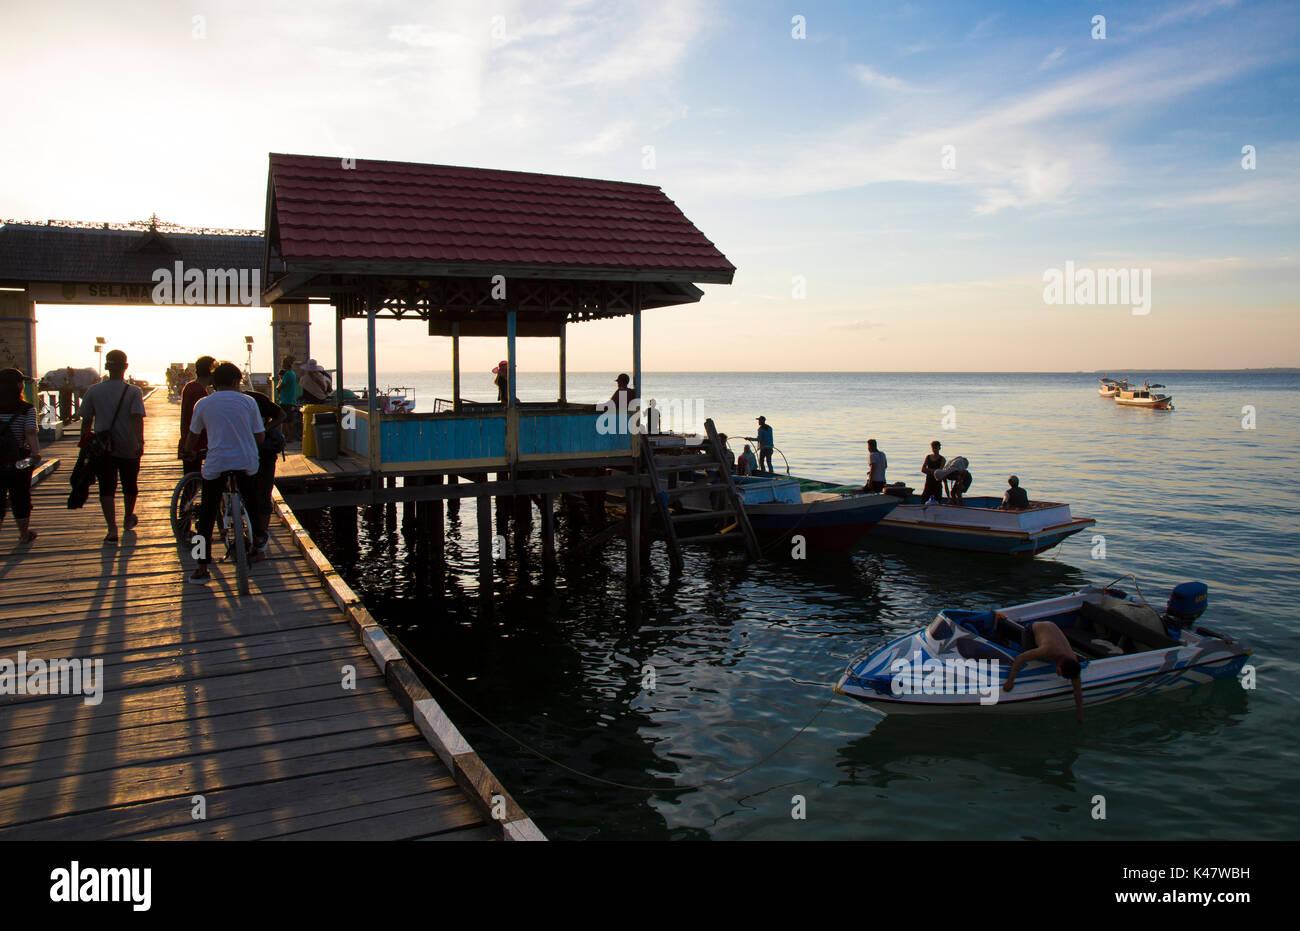 Main pier on Derawan Island, Kalimantan - Stock Image